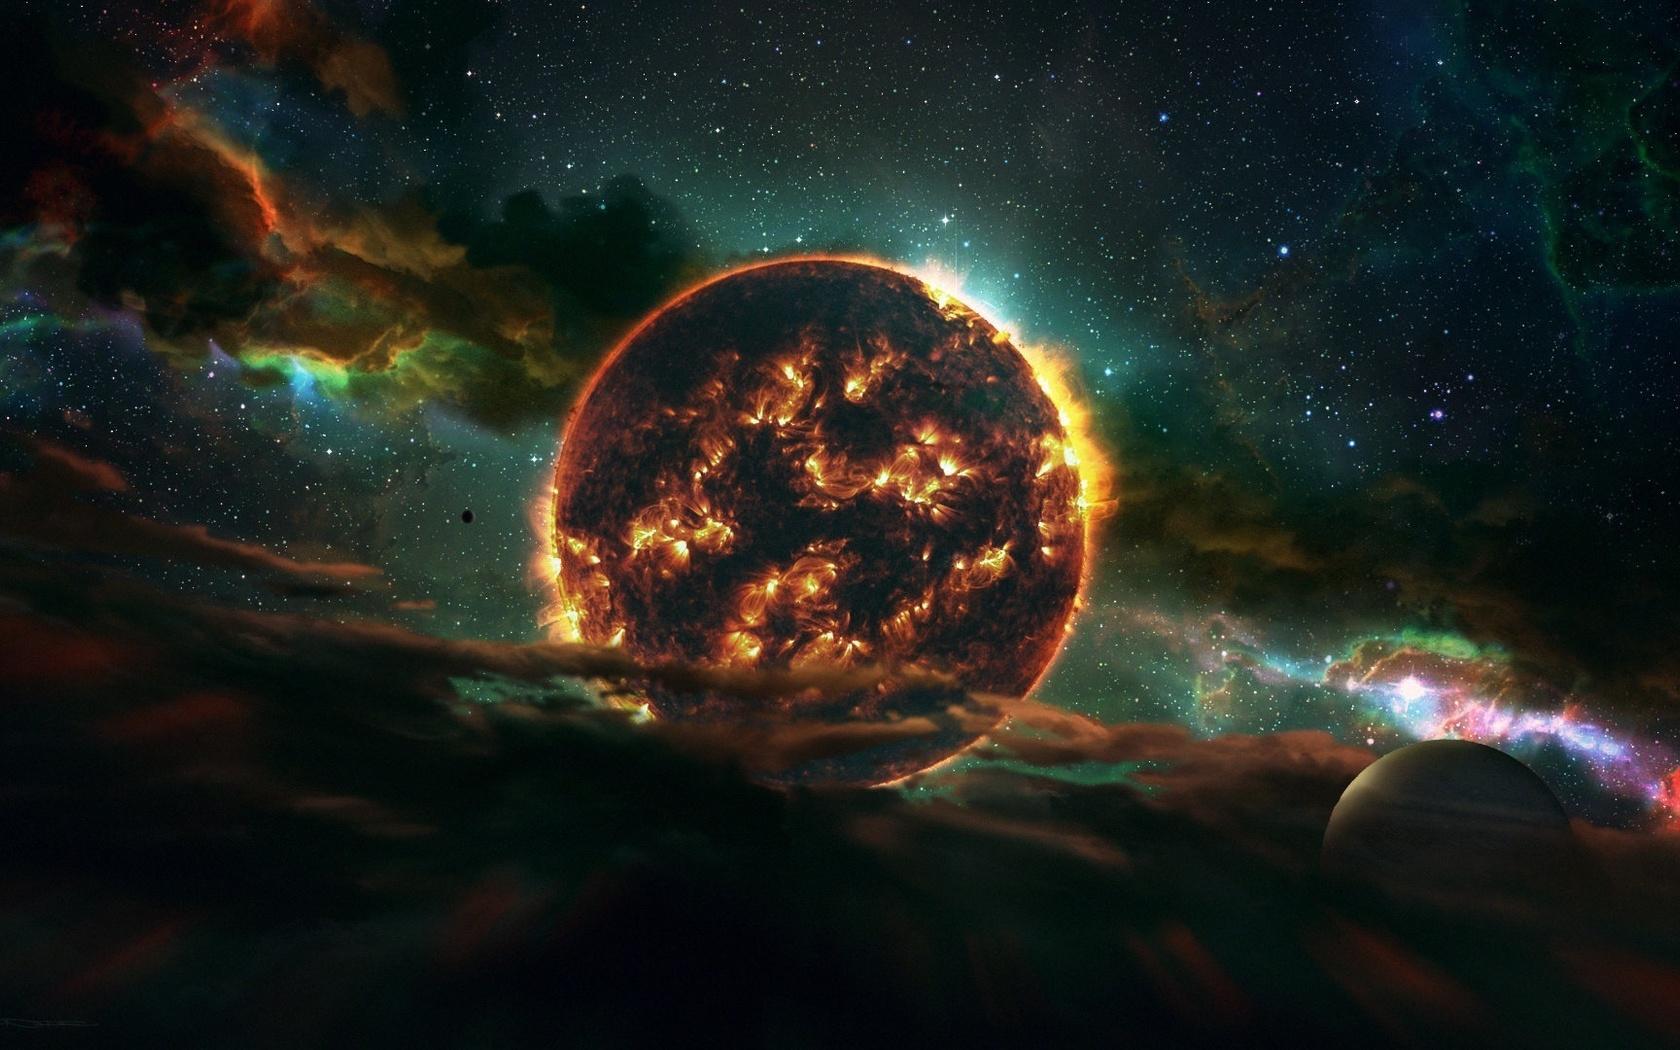 арт, космос, планеты, звезды